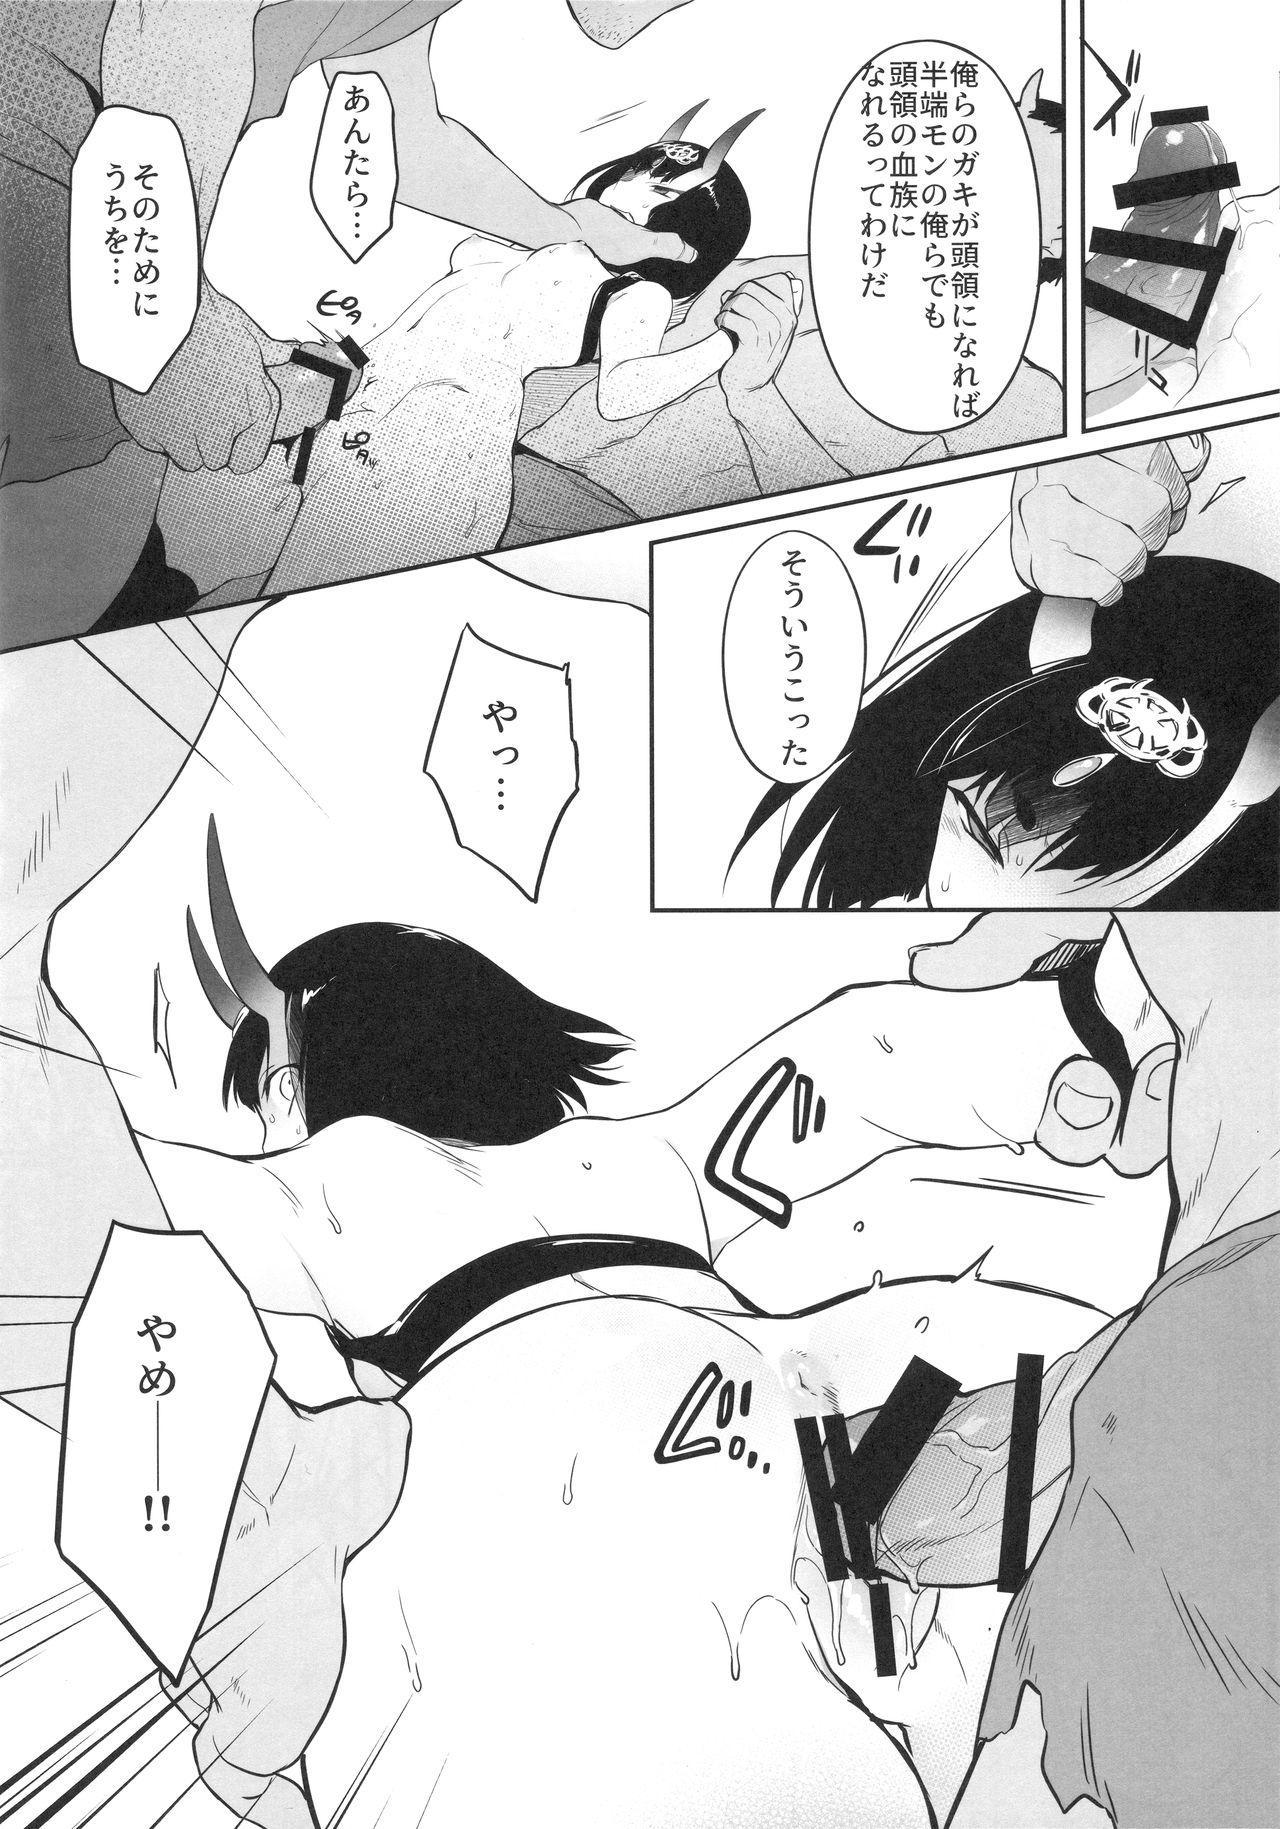 Kidoku no Shuki 8